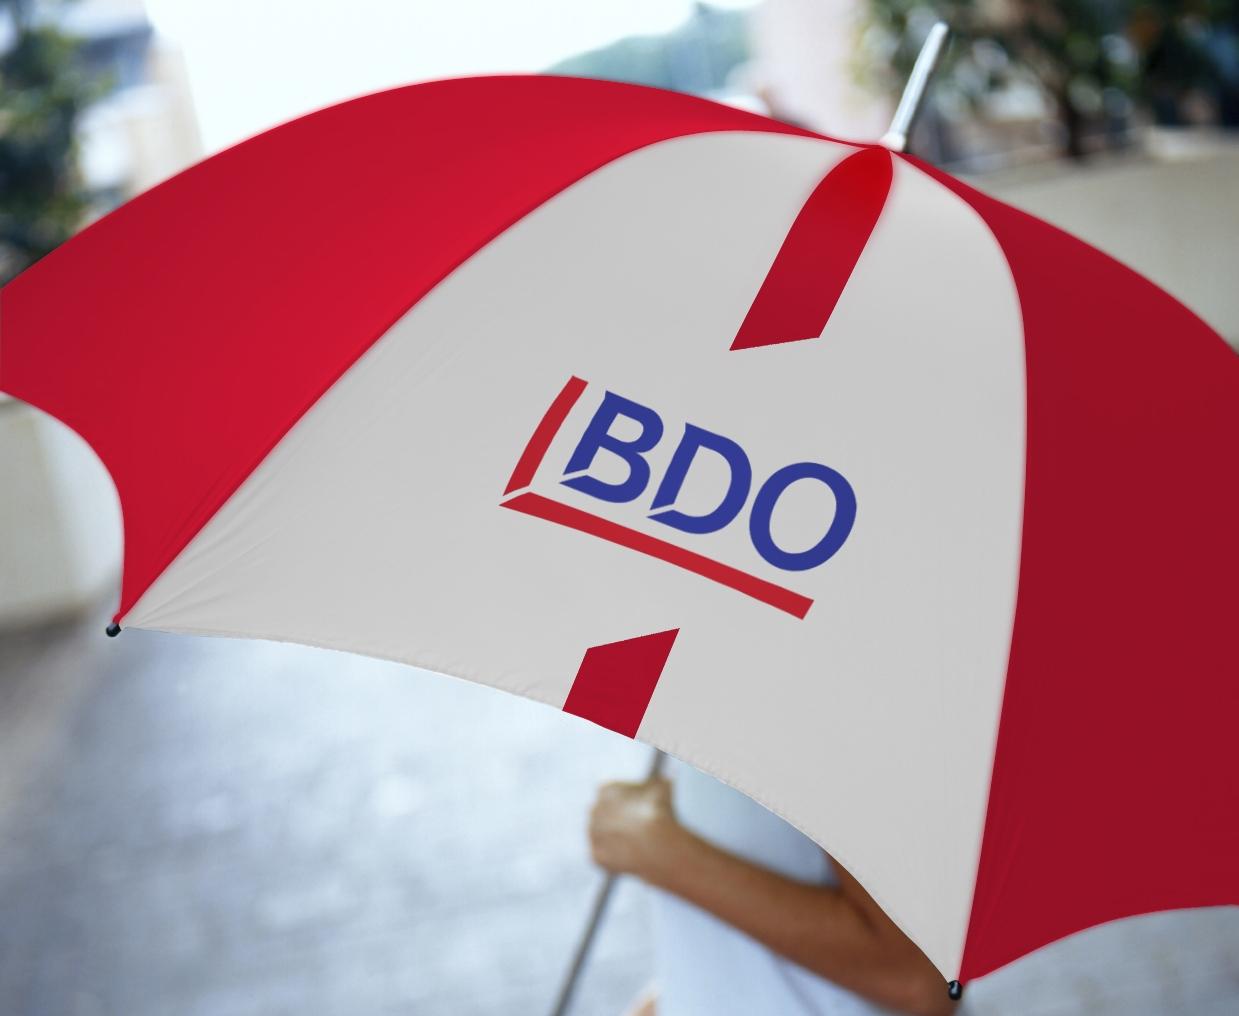 BDO_Umbrella.jpg